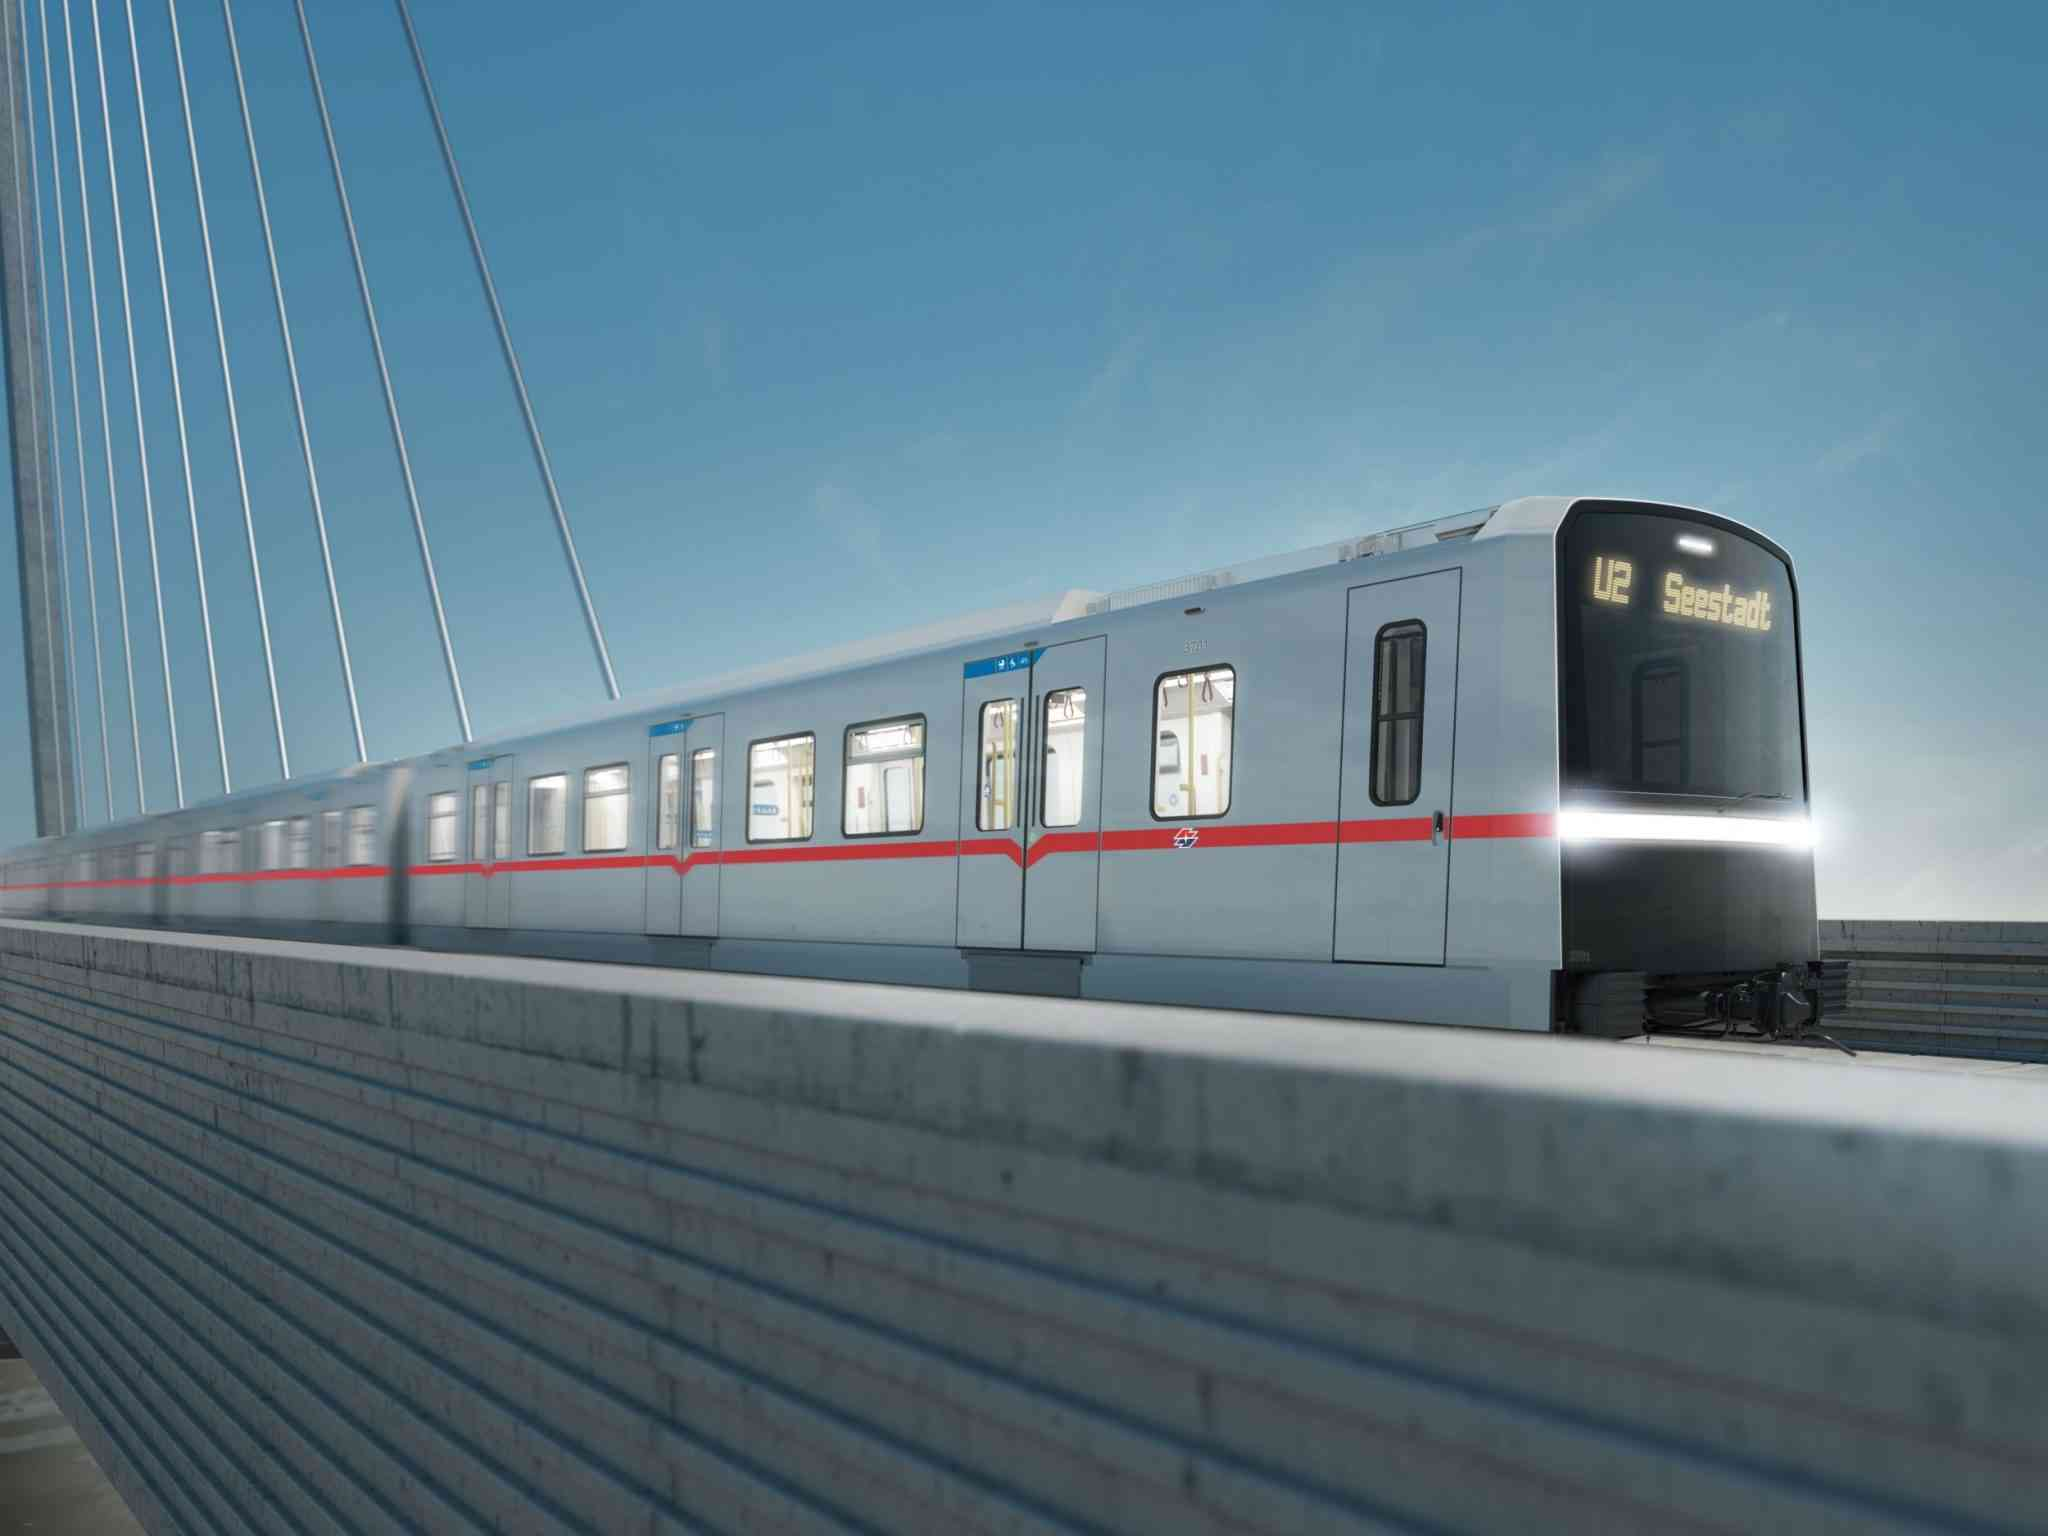 Der X-Wagen wird die alten U-Bahn-Garnituren sukzessive ersetzen und somit neue Plätze schaffen.